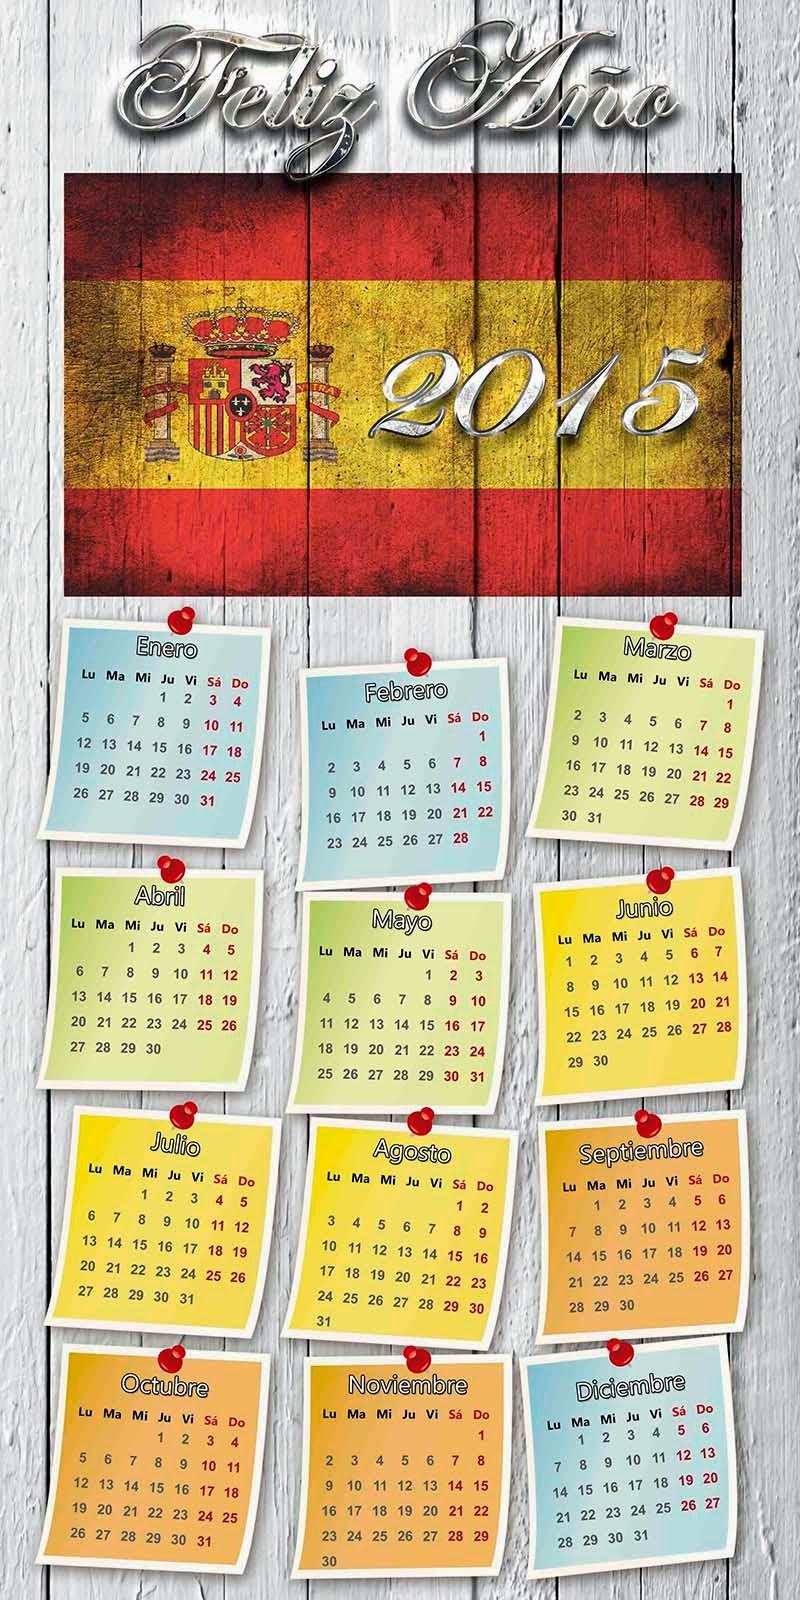 Muro de madera con bandera de España y calendario 2015